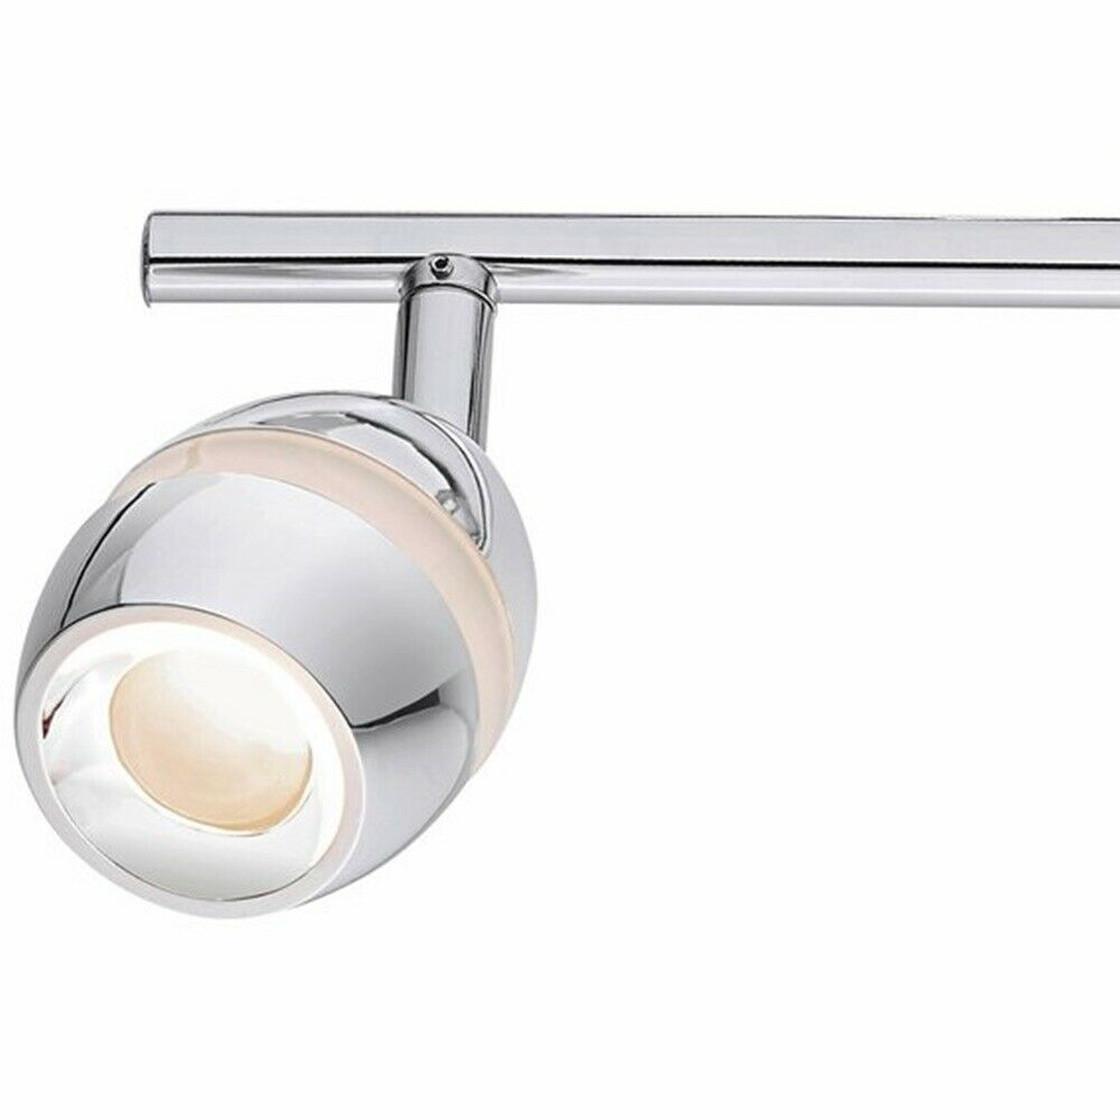 LAMPEN RAMPE.DE